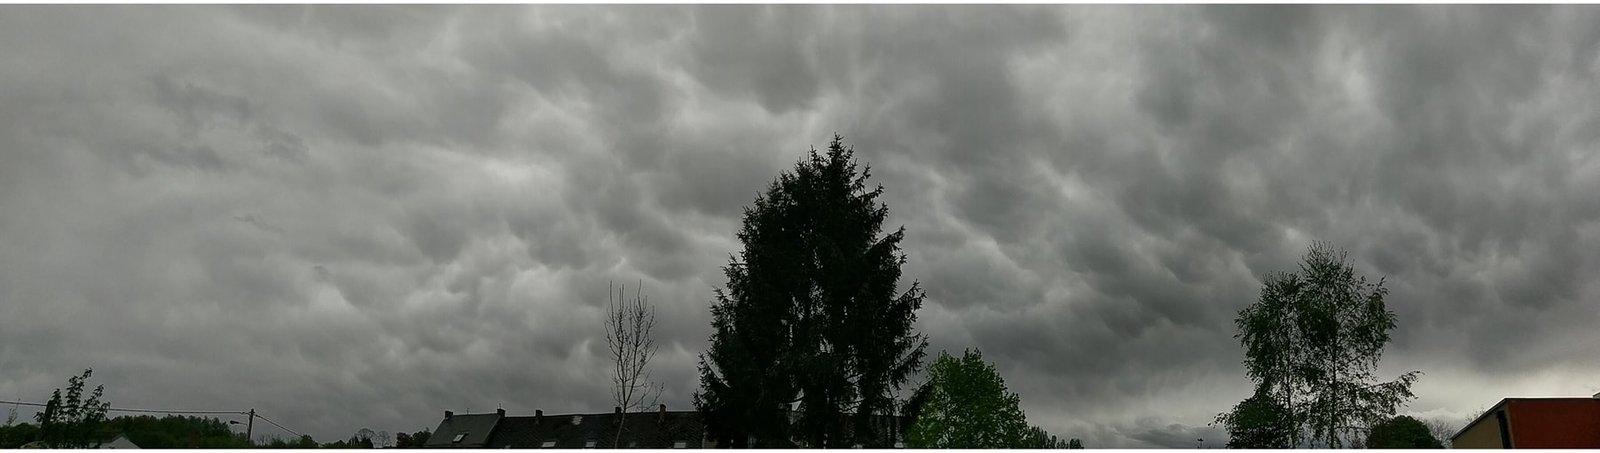 Photo 2019-04-24 - Nivelles - Attila Fekete